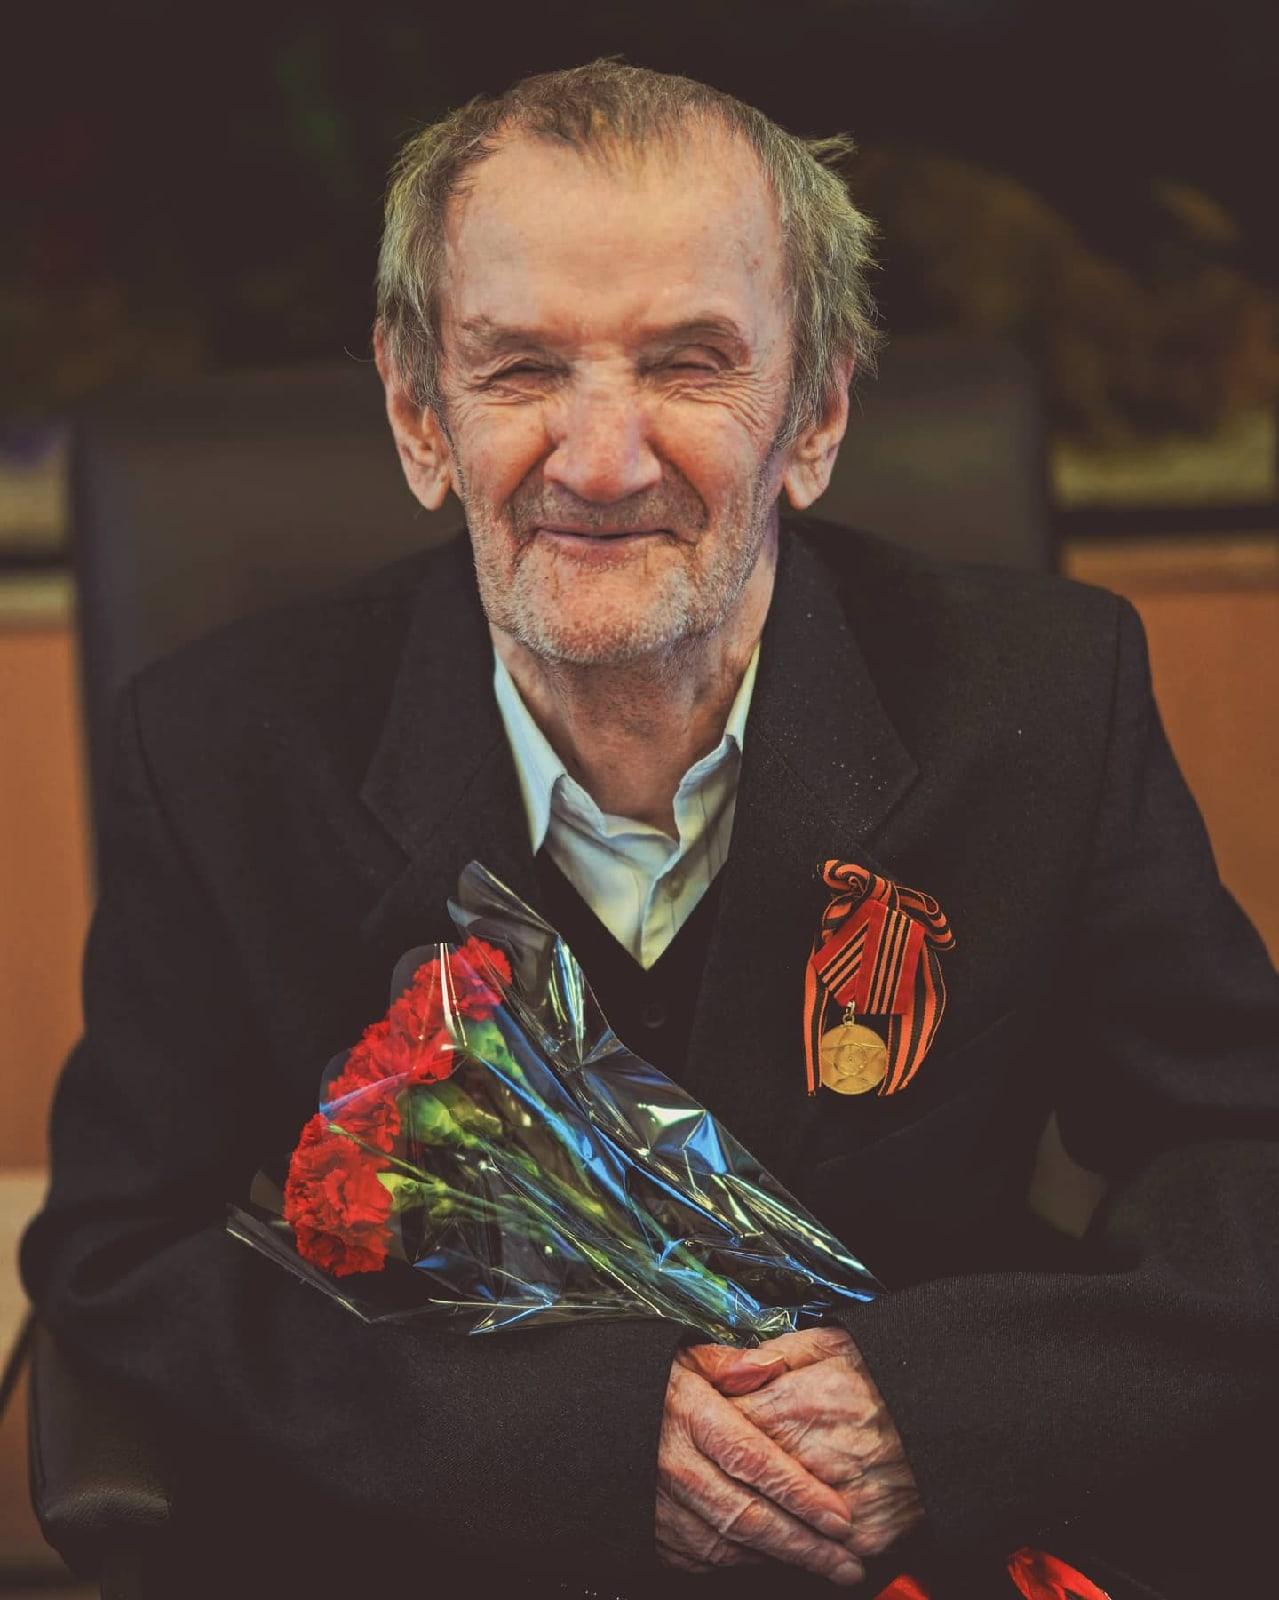 Евгений Владимирович Никольский поздравил Ветеранов Великой Отечественной войны.